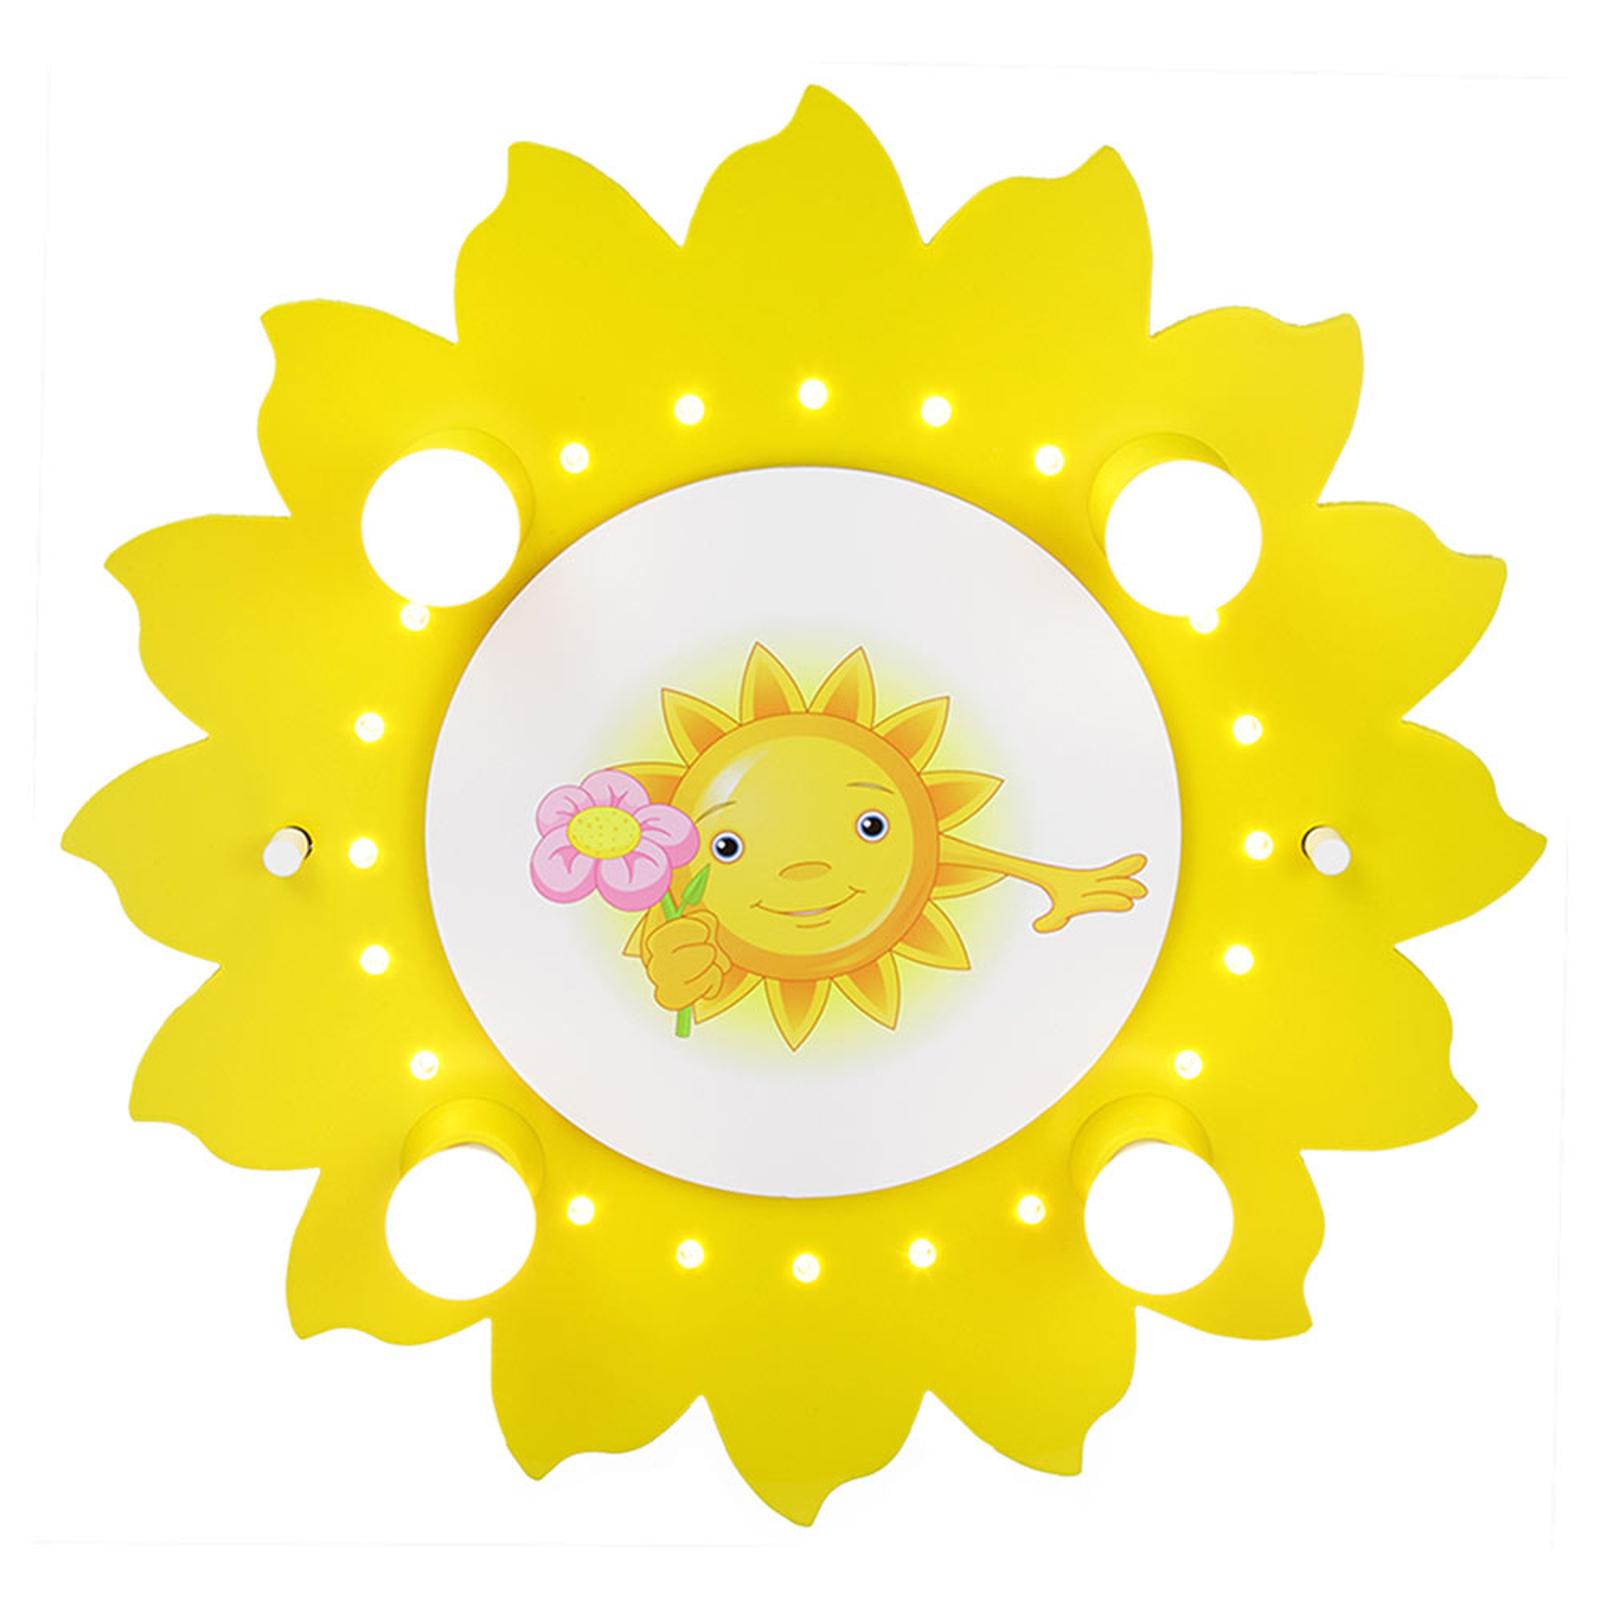 Taklampa Sol med blomma, 4 lampor, gul